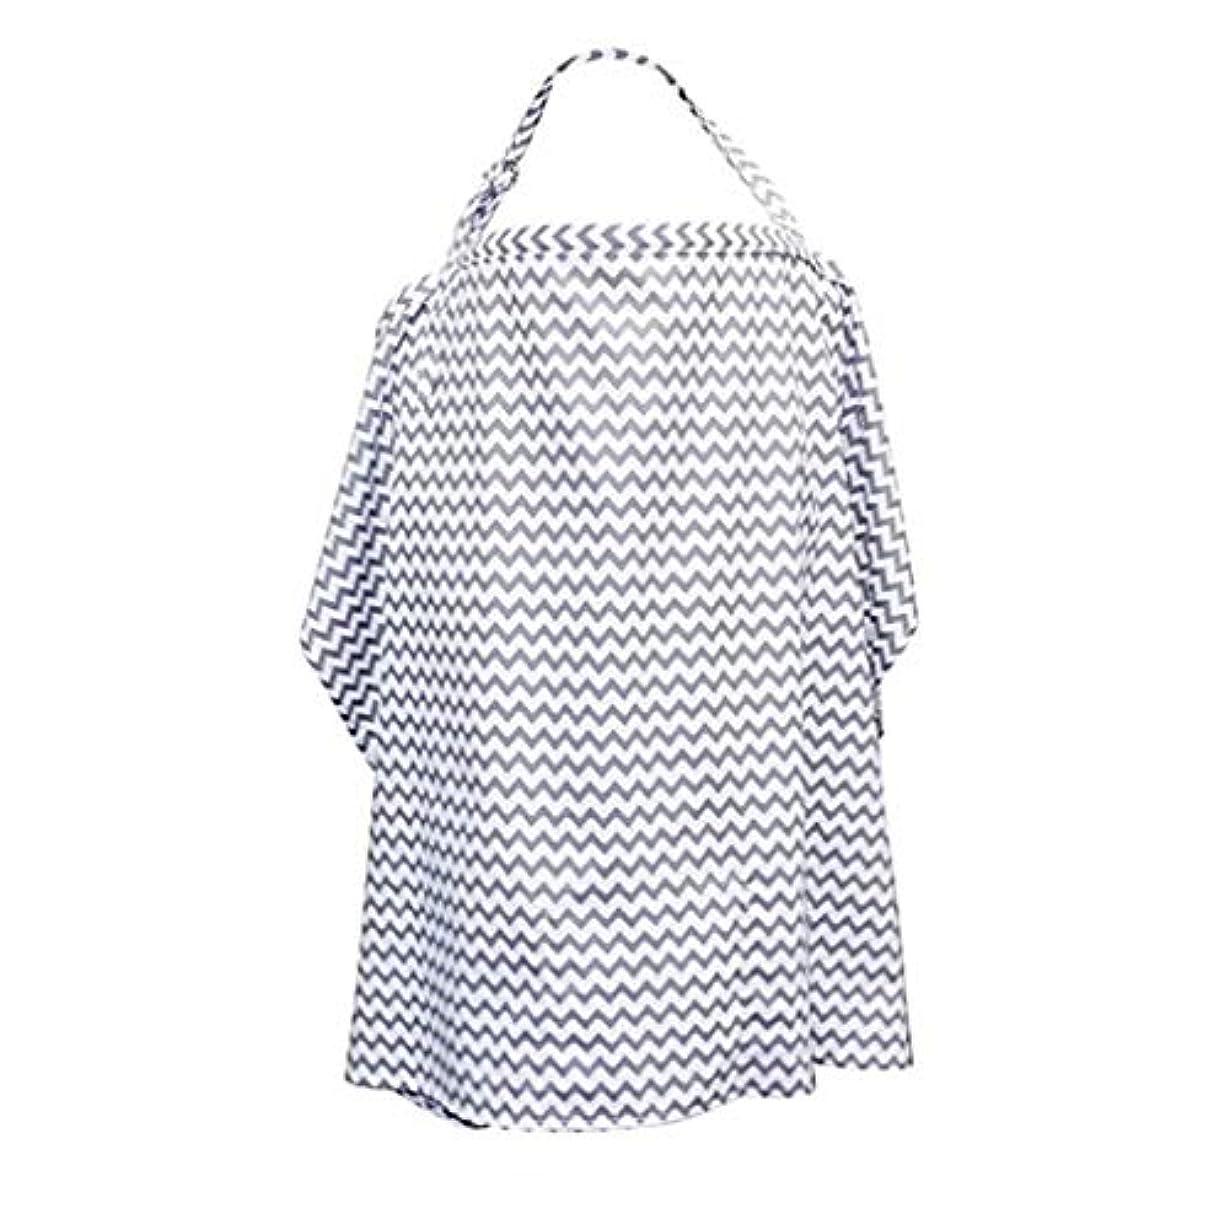 気を散らすリール文調節可能なストラップ付き母乳育児カバー - 100%プレミアムコットンベースの看護カバー - 屋外給餌赤ちゃん看護布 - 収納バッグ&タオルコーナー (グレー)